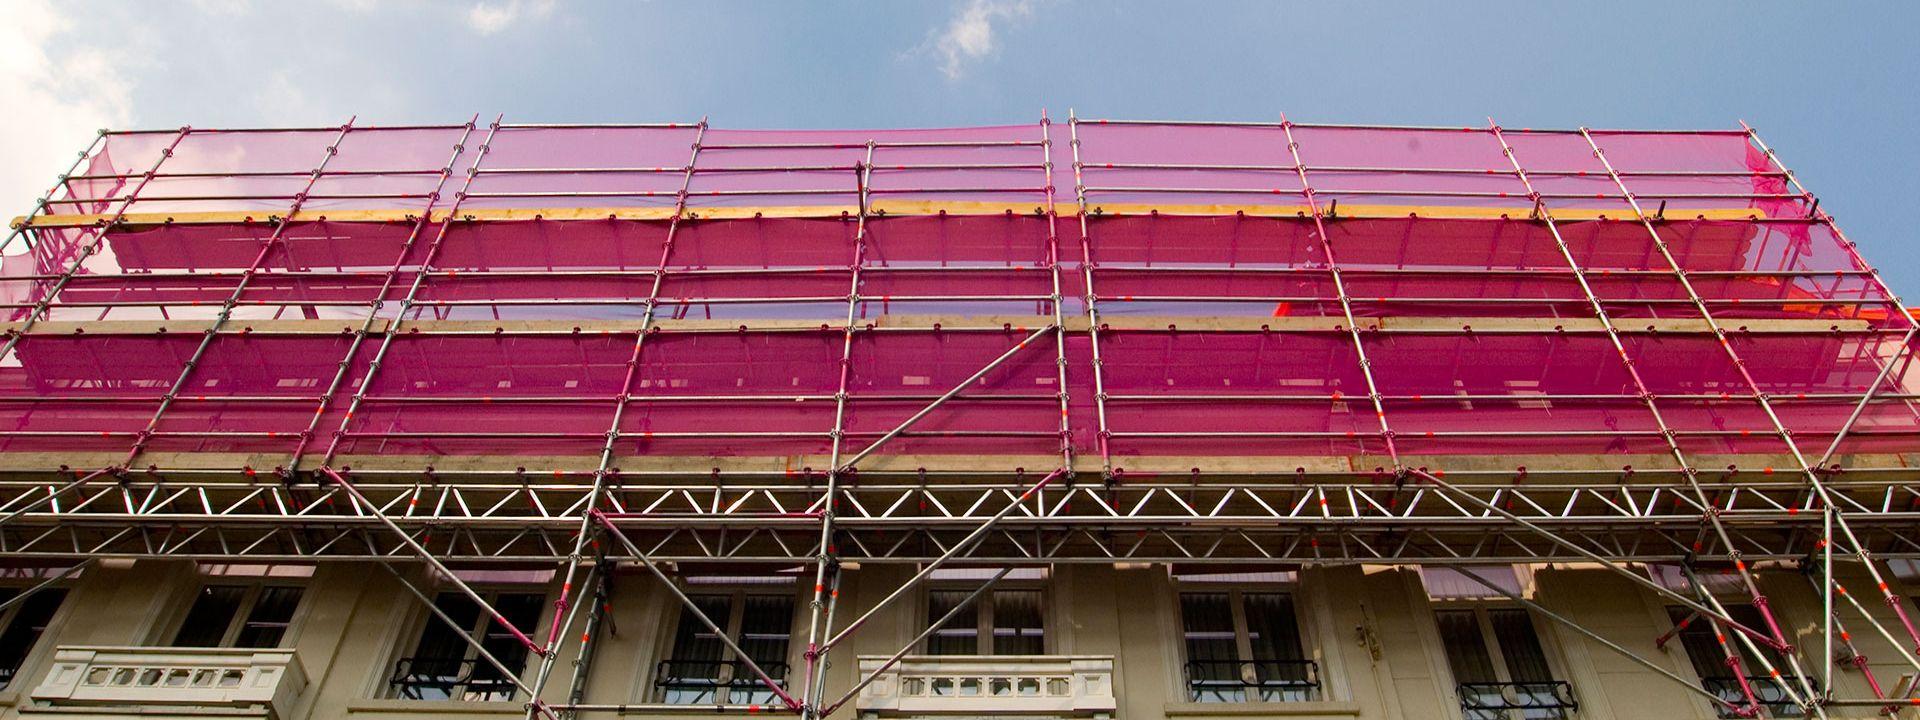 Rehabilitacion fachadas Malaga